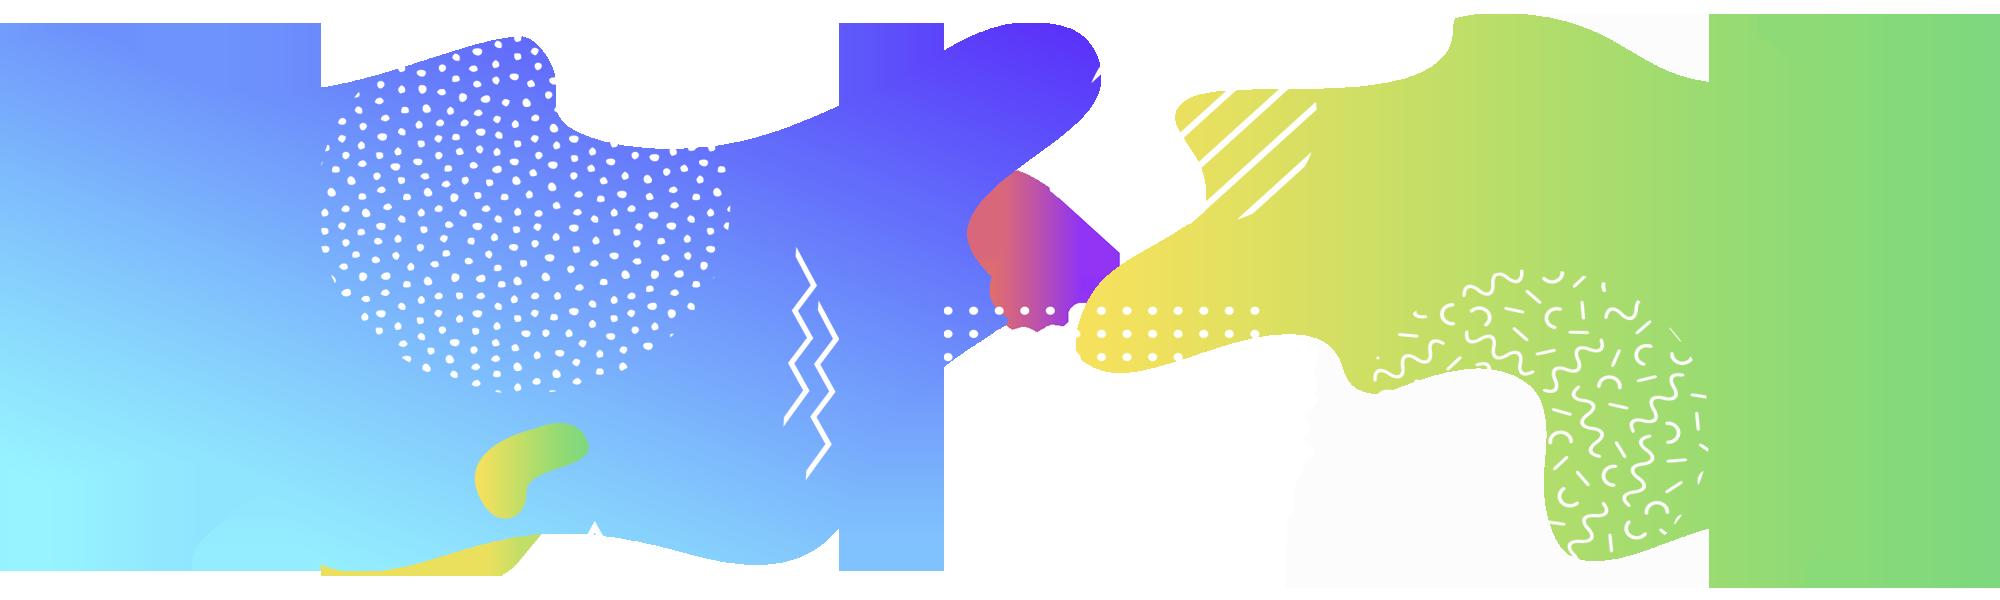 Module 2 shapes